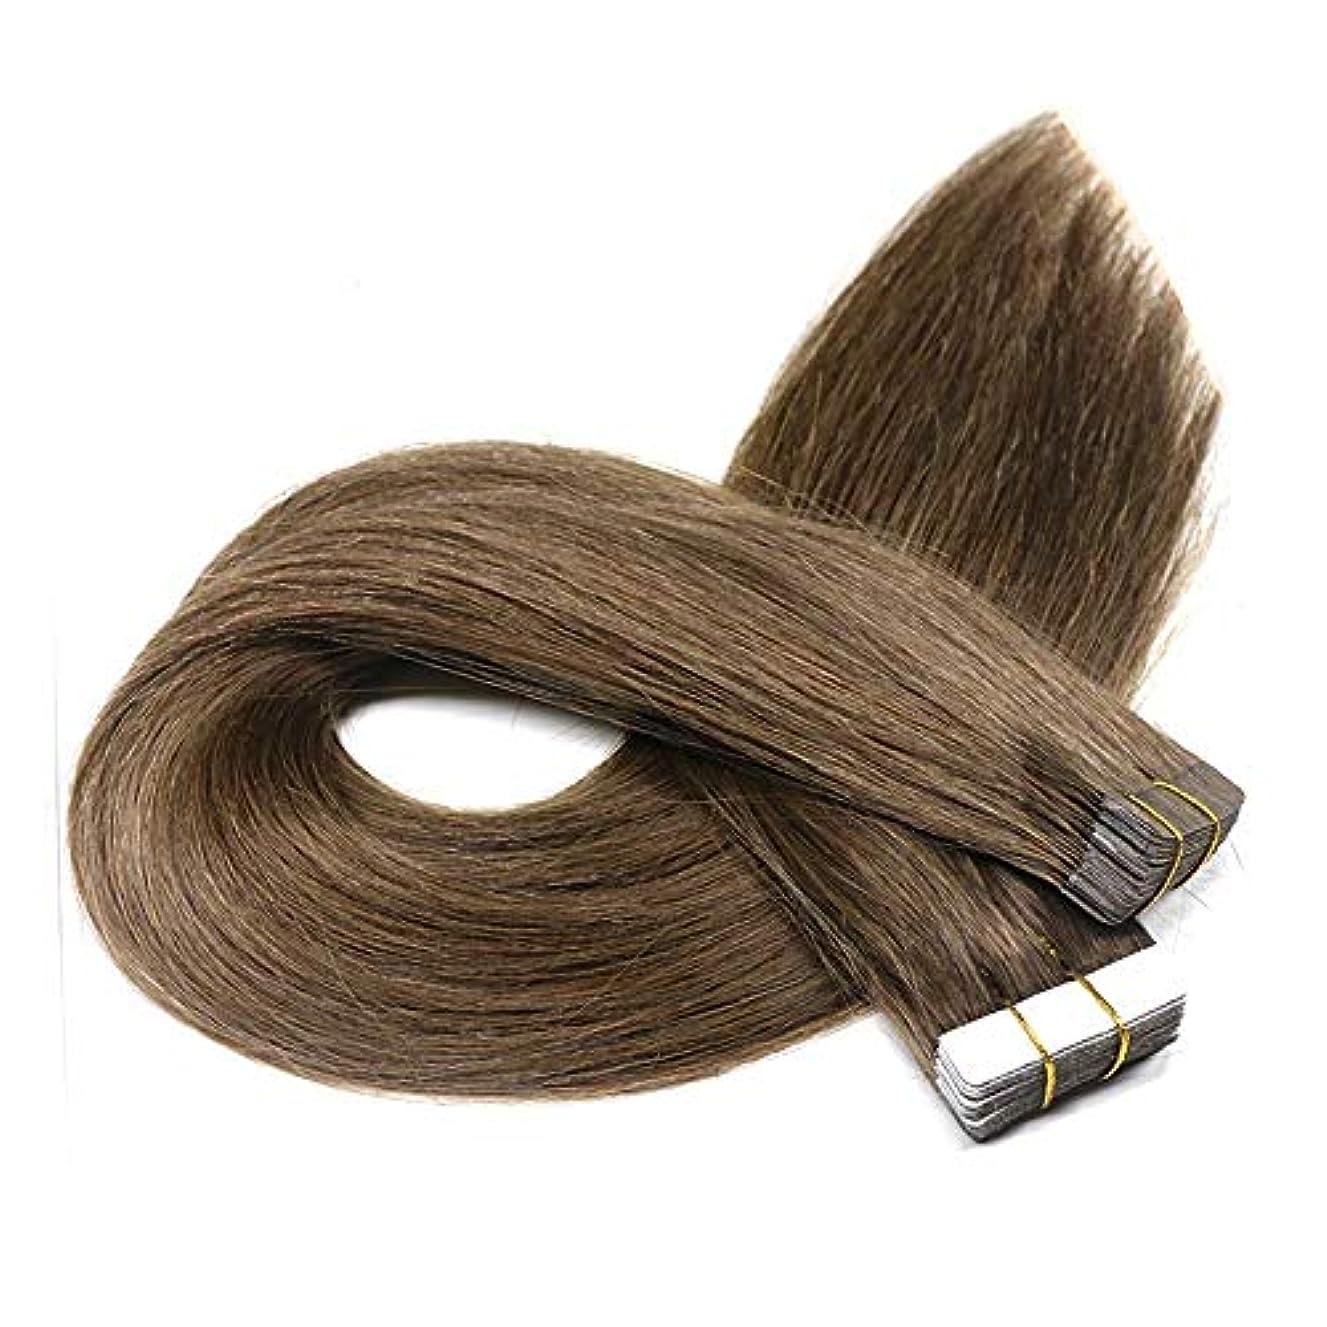 欠員珍味平凡WASAIO ヘアエクステンションクリップ人間でシームレスな髪型テープ - 100%未処理のレミーストレート横糸モトリー?ブラウンセンブランス (色 : ブラウン, サイズ : 14 inch)